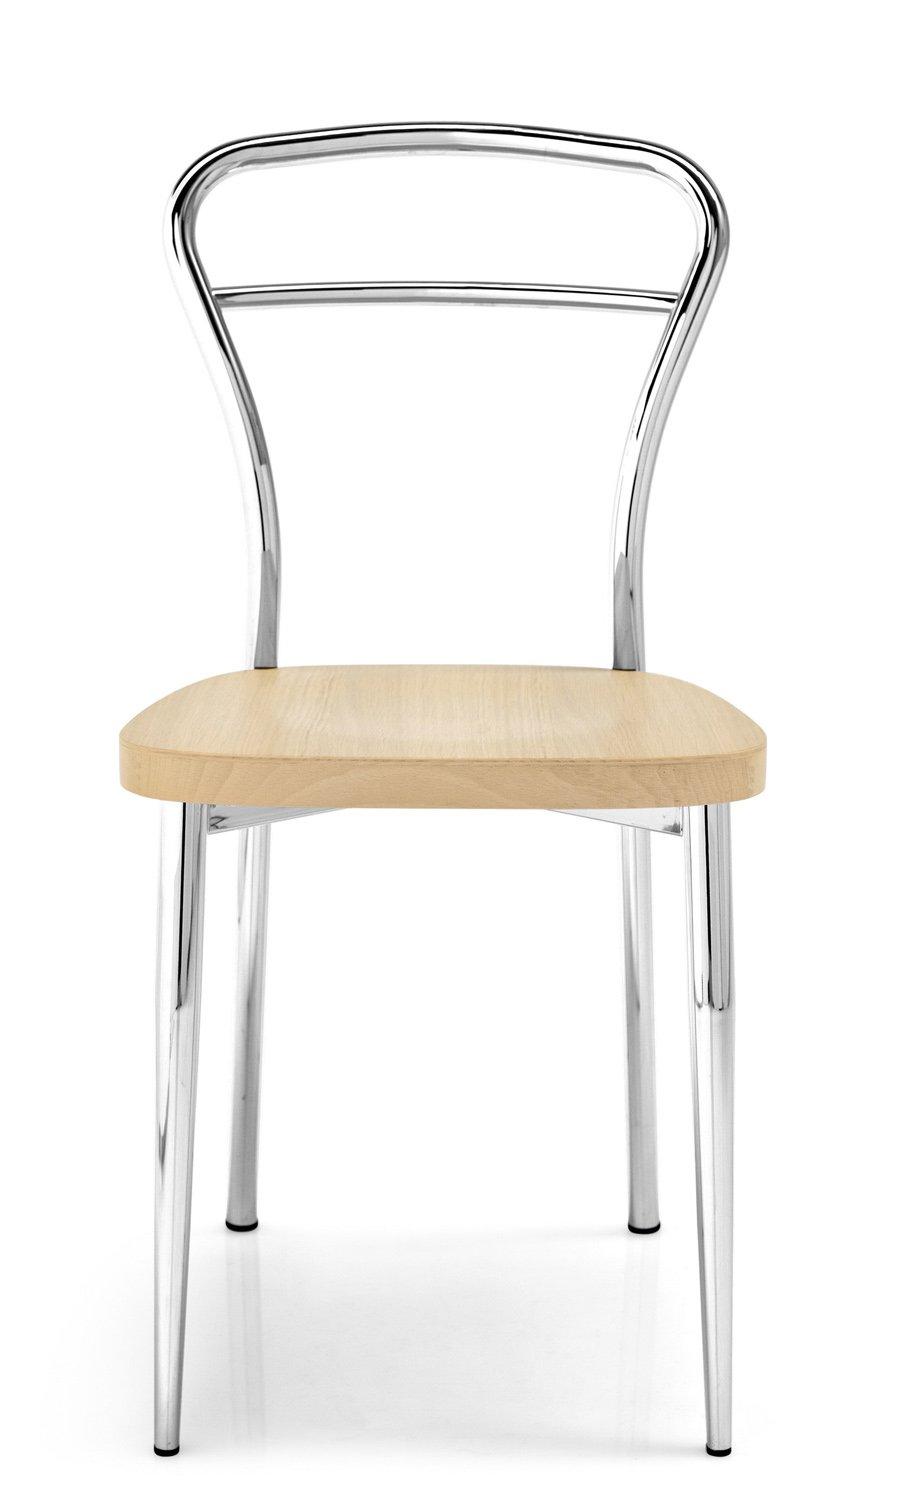 Sedie low cost 15 modelli a meno di 100 euro cose di casa for Tavoli e sedie da cucina calligaris